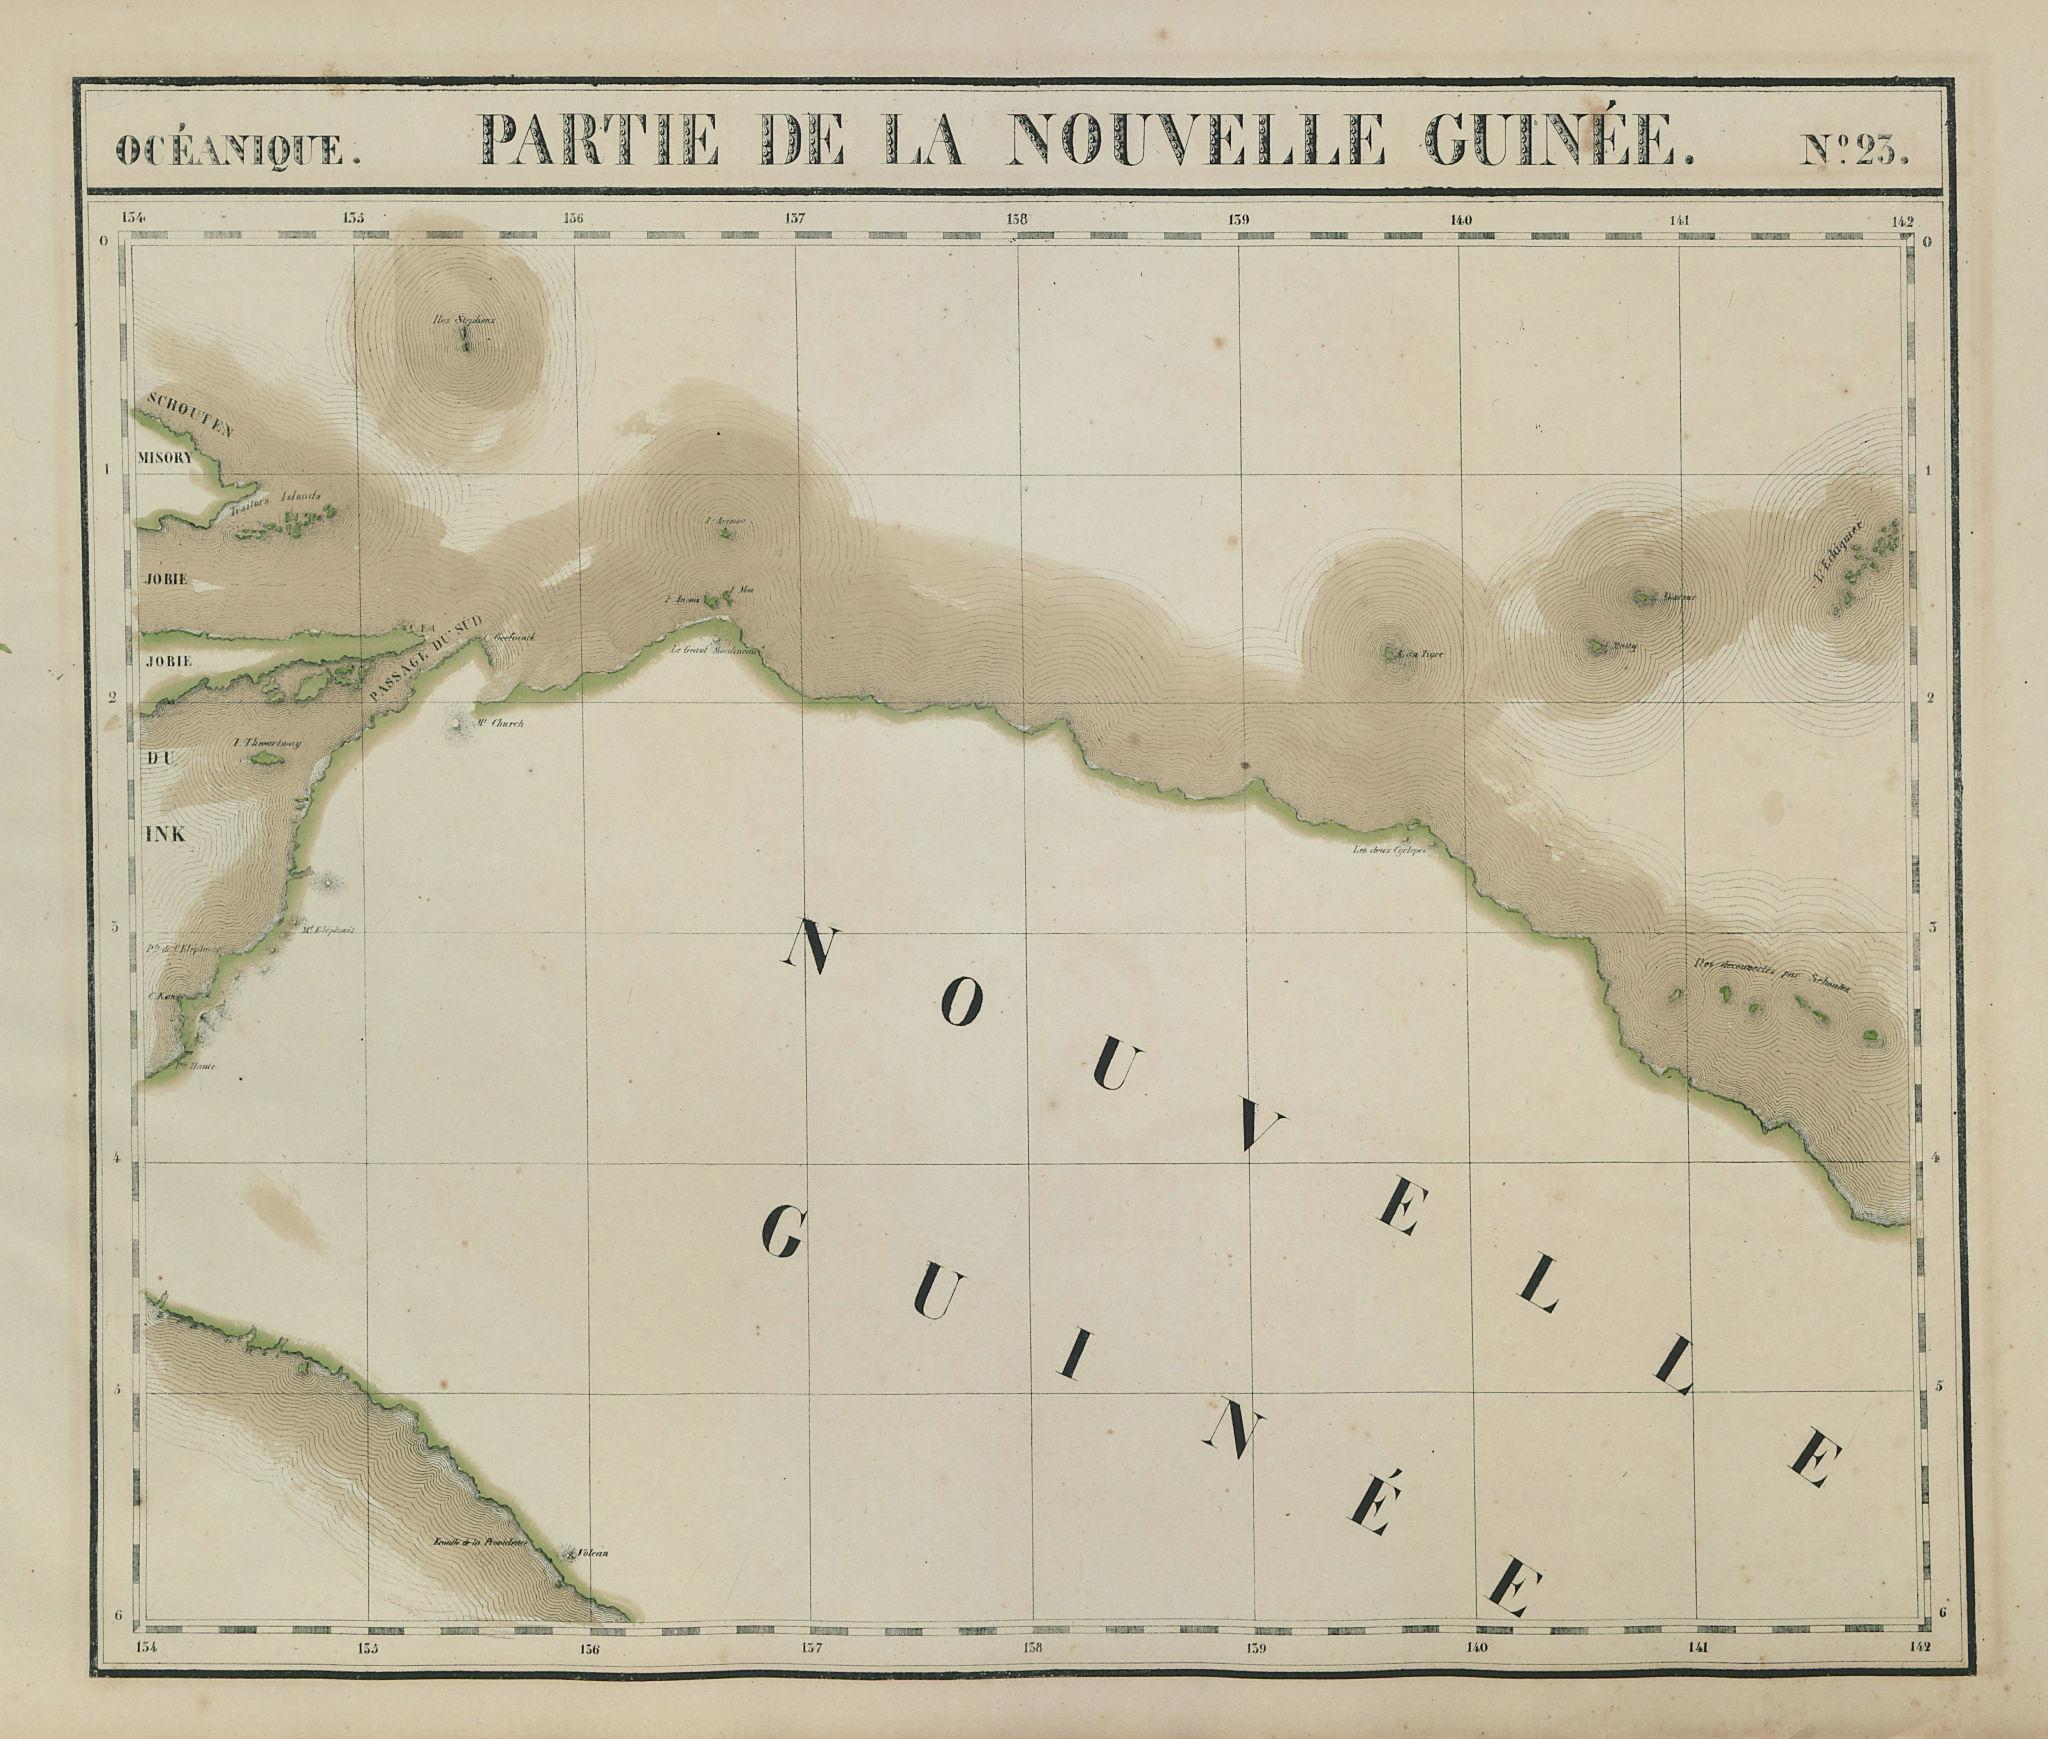 Océanique. Partie de la Nouvelle Guinée #23. New Guinea. VANDERMAELEN 1827 map